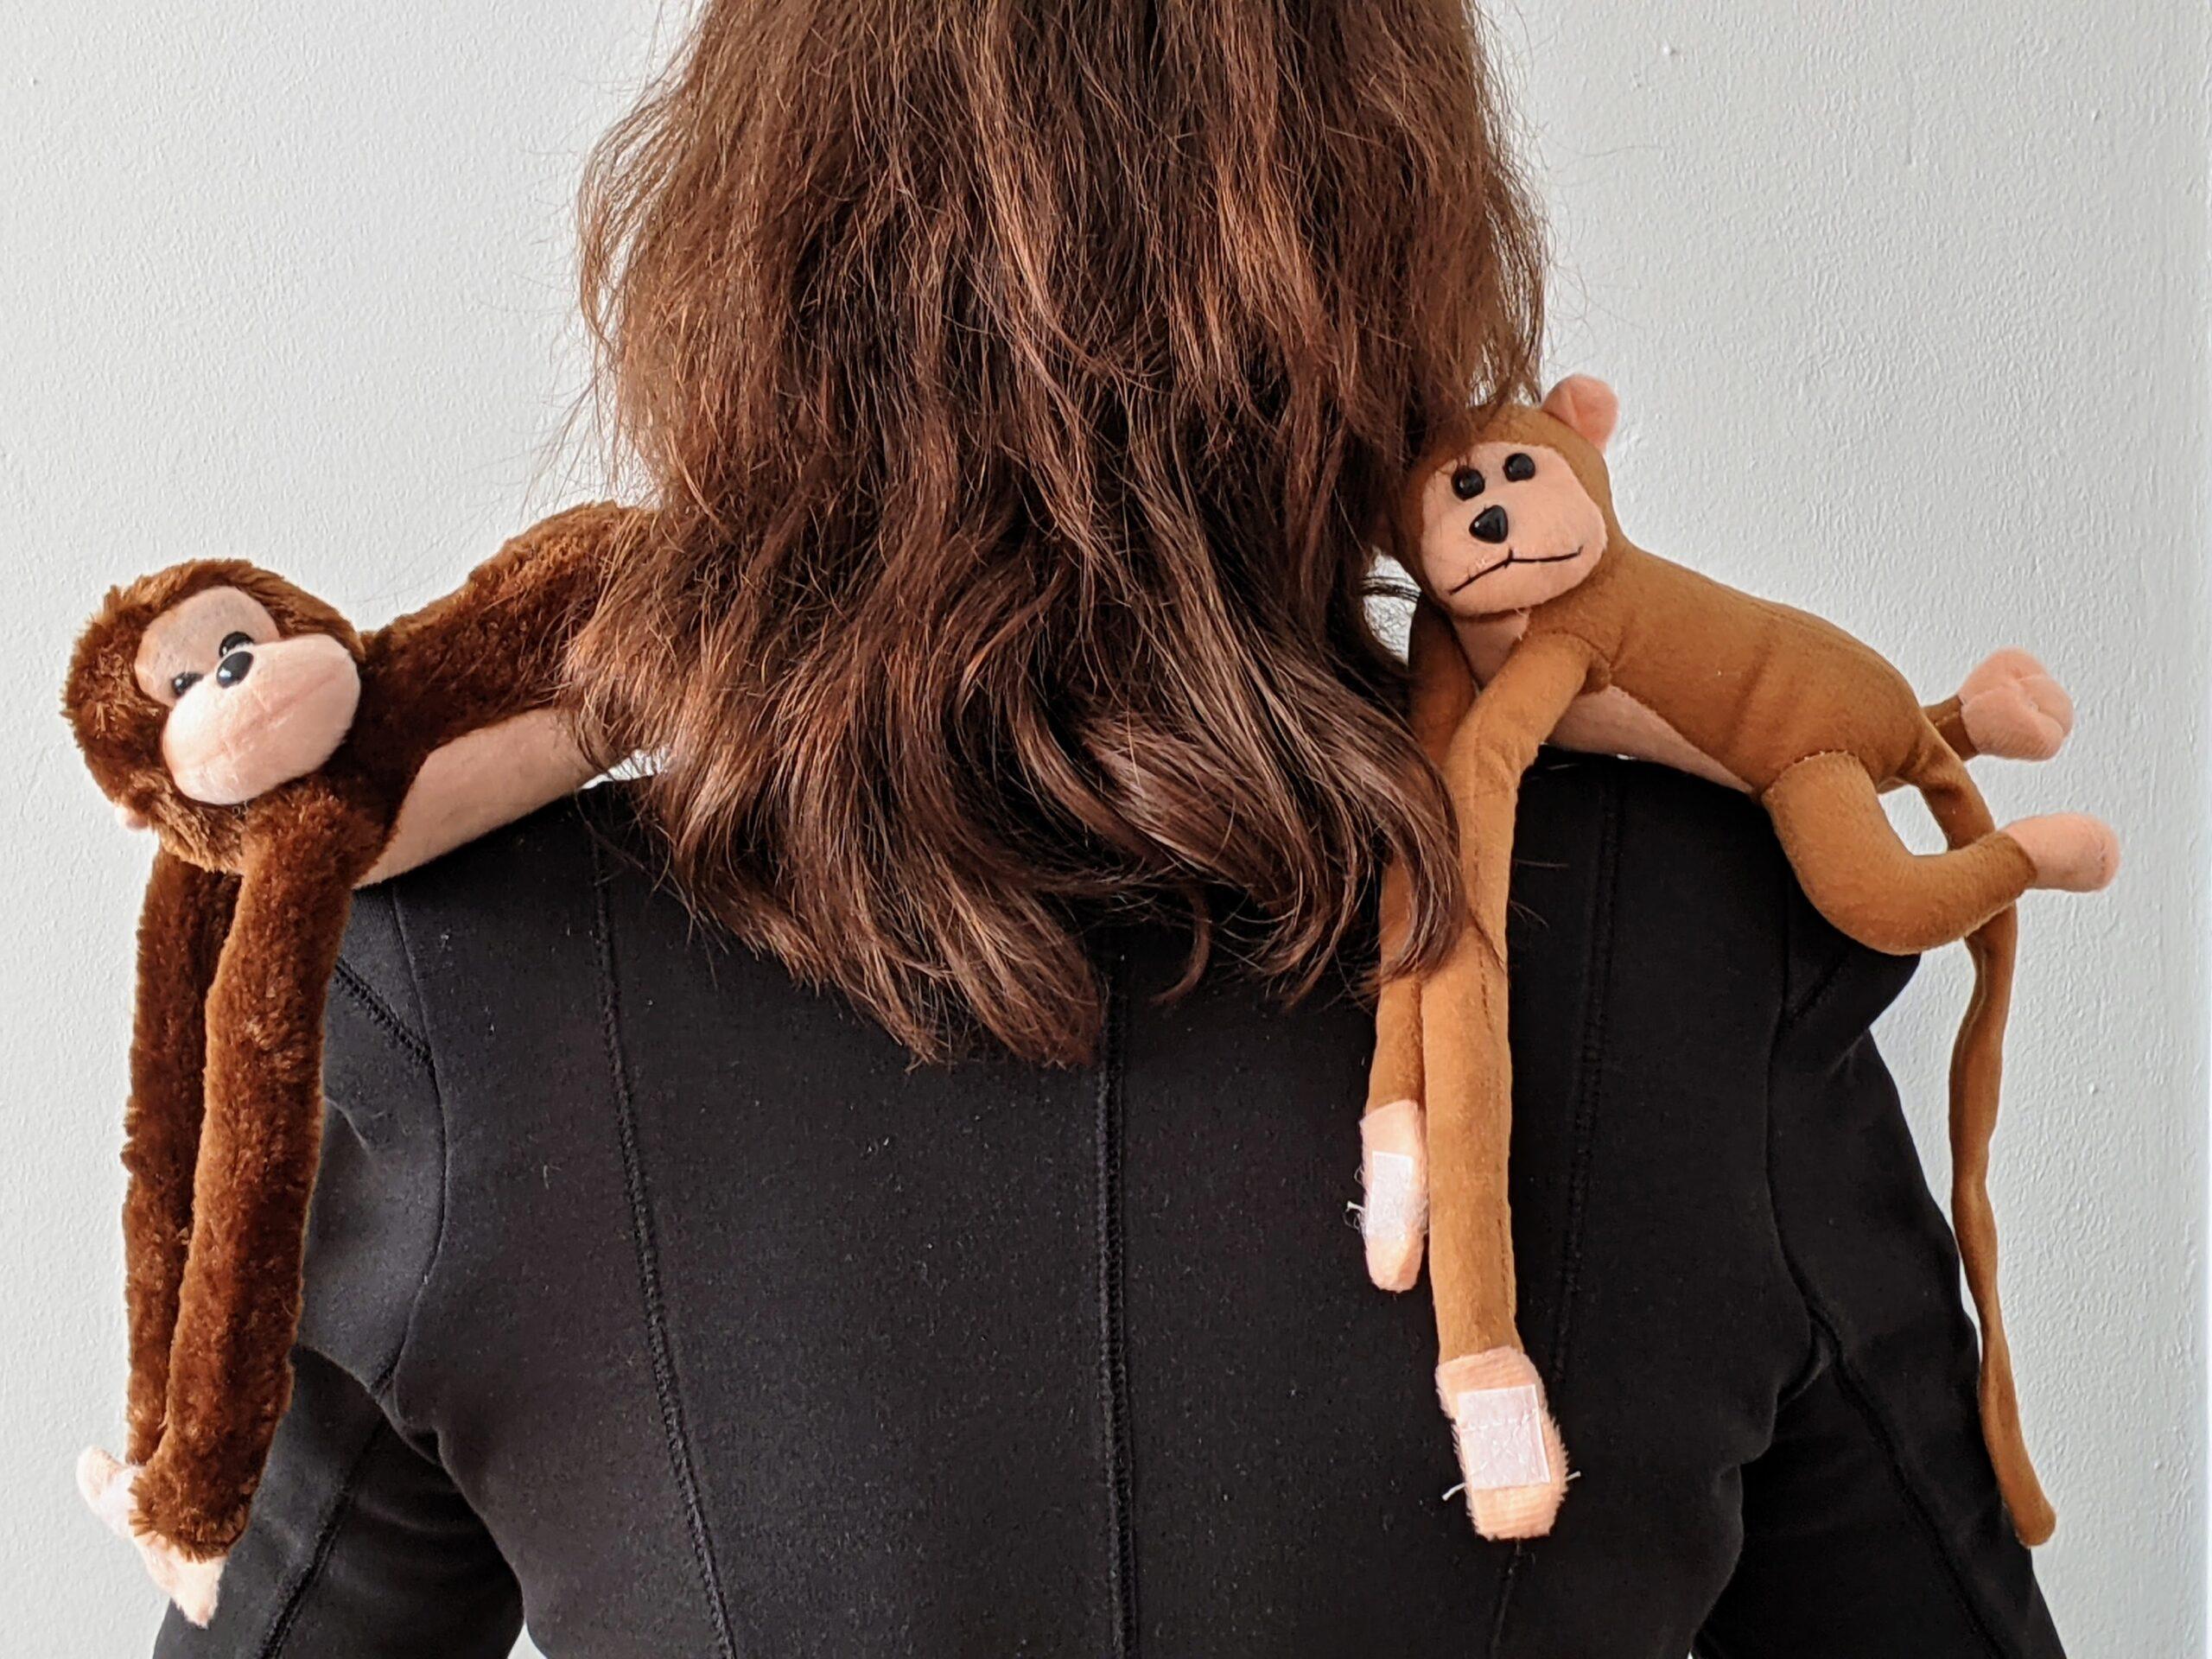 ACTIE met 2 aapjes